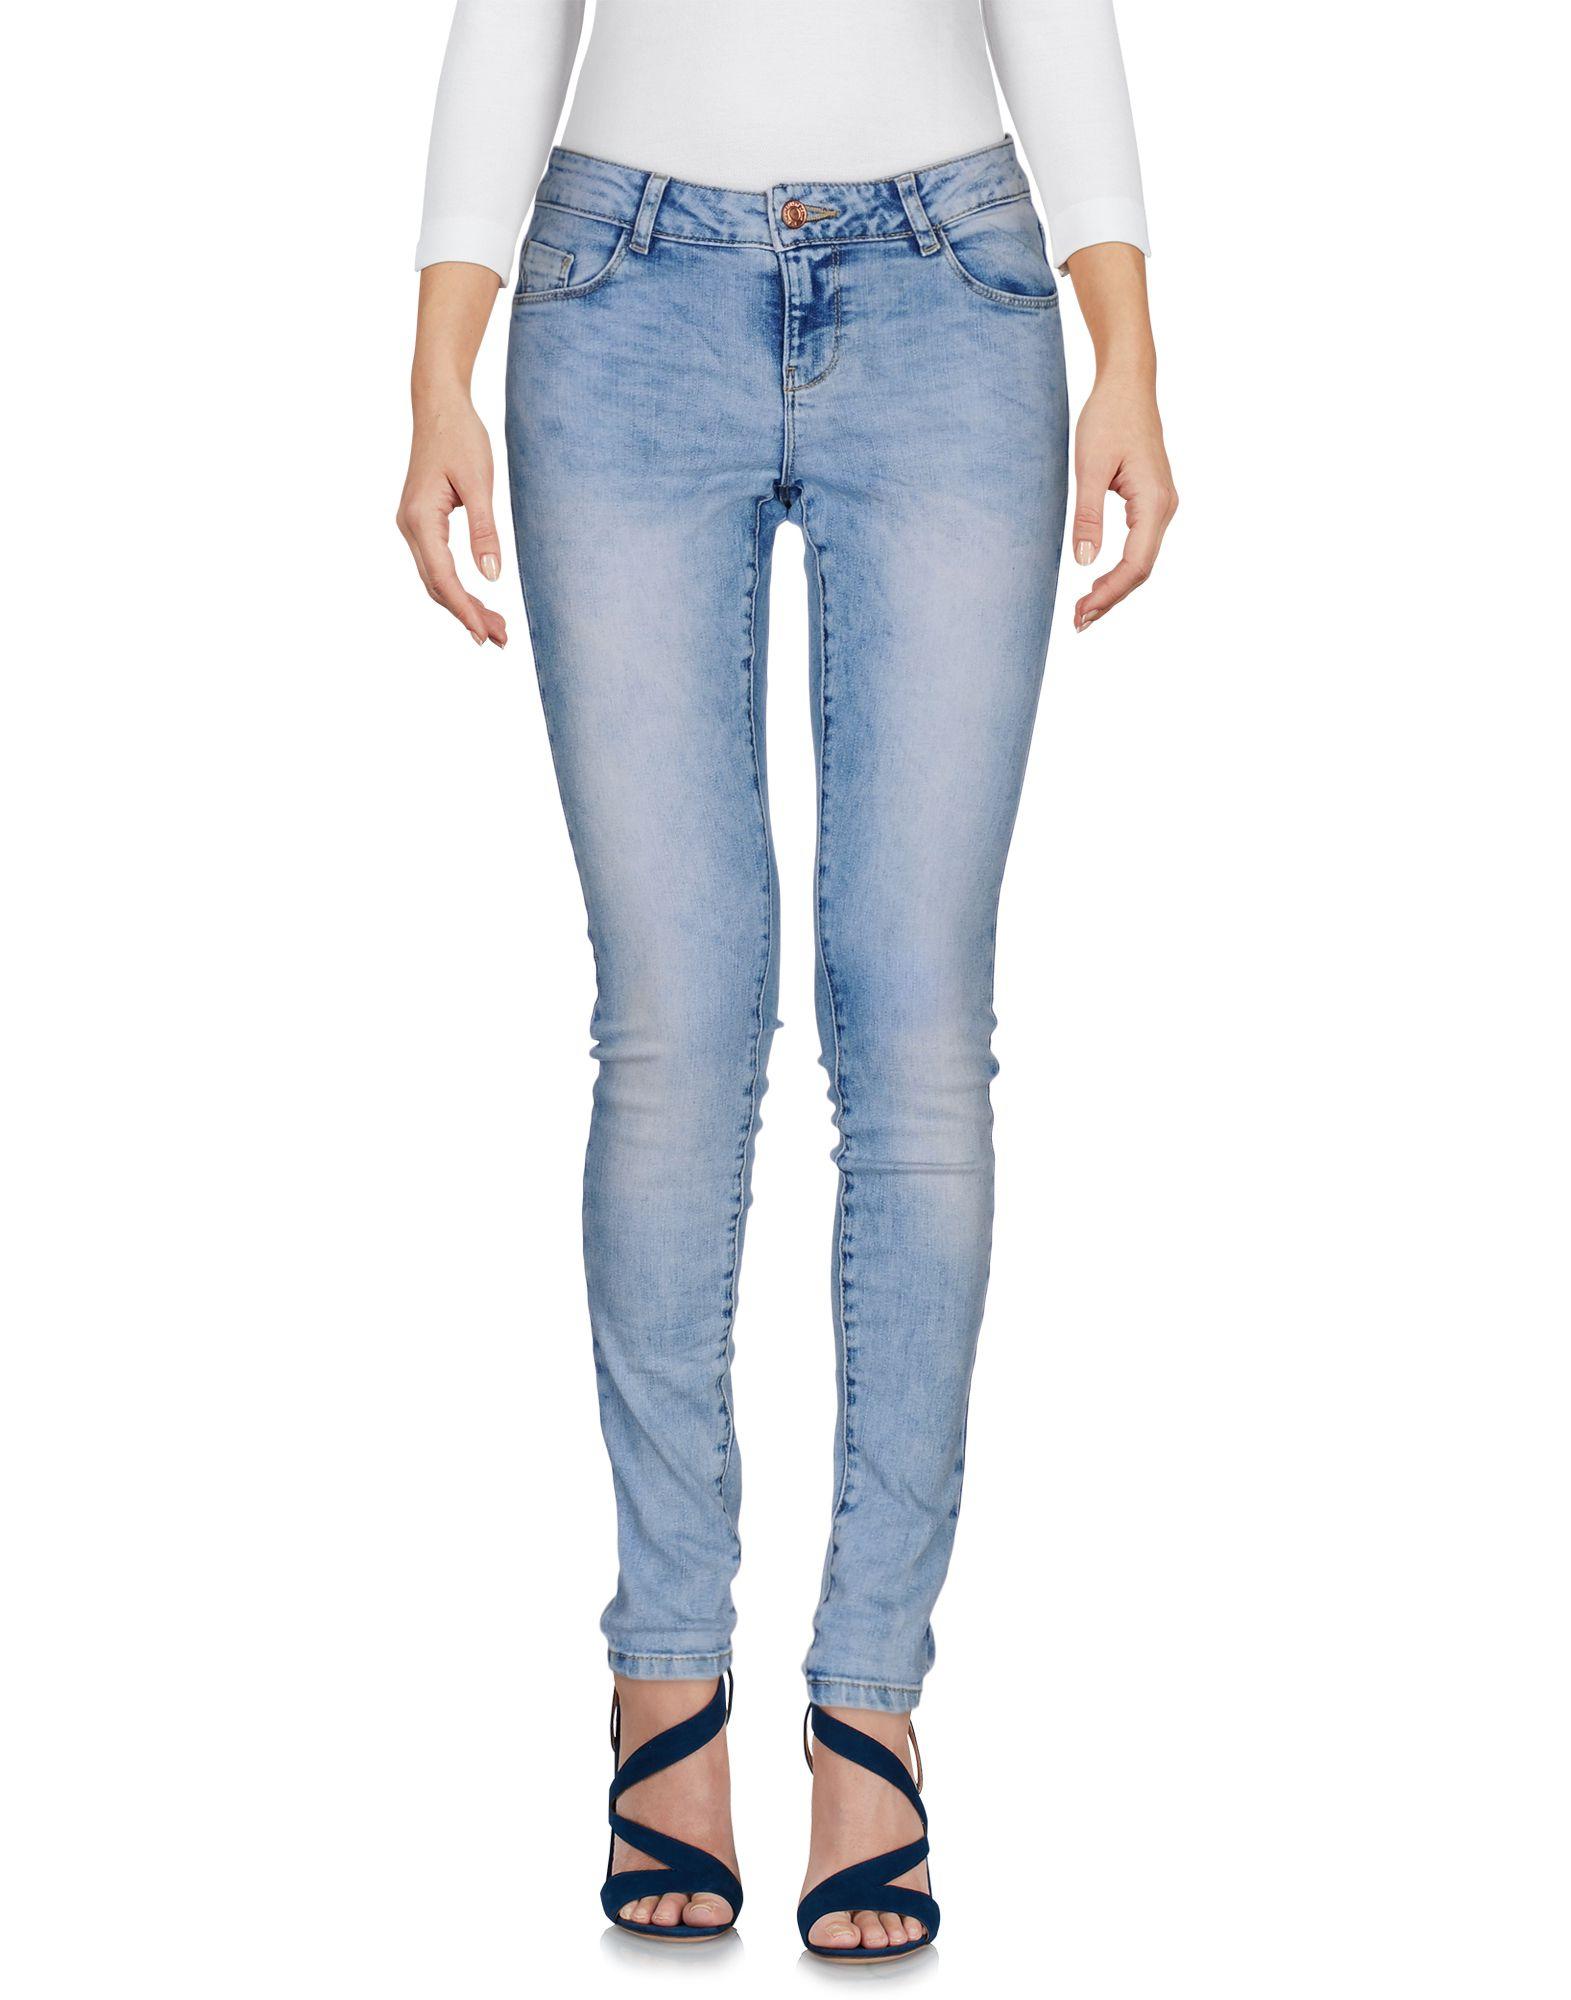 VERO MODA JEANS Джинсовые брюки цена 2017